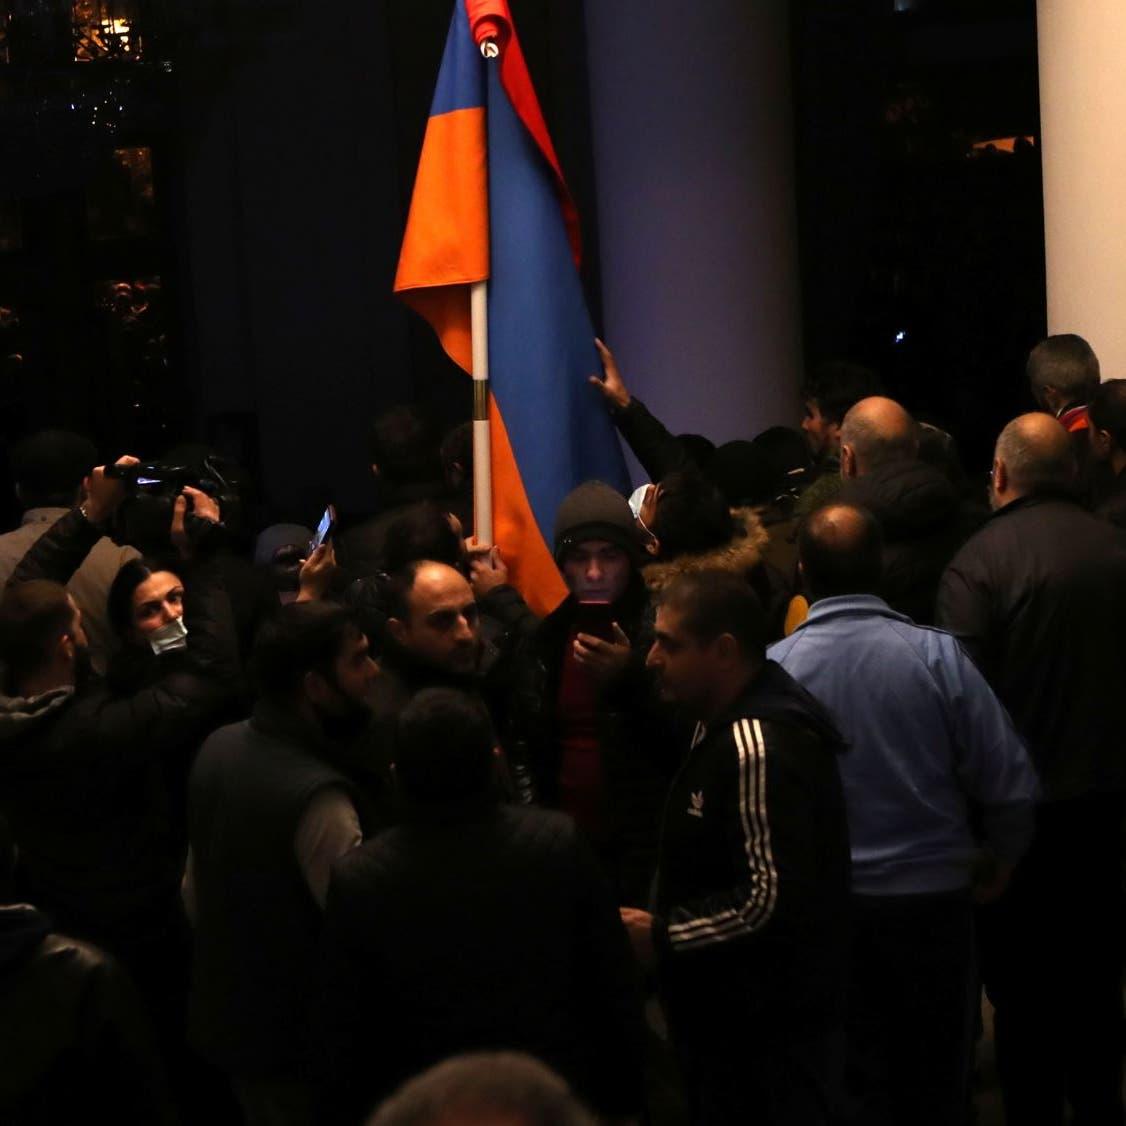 غضب في أرمينيا بعد